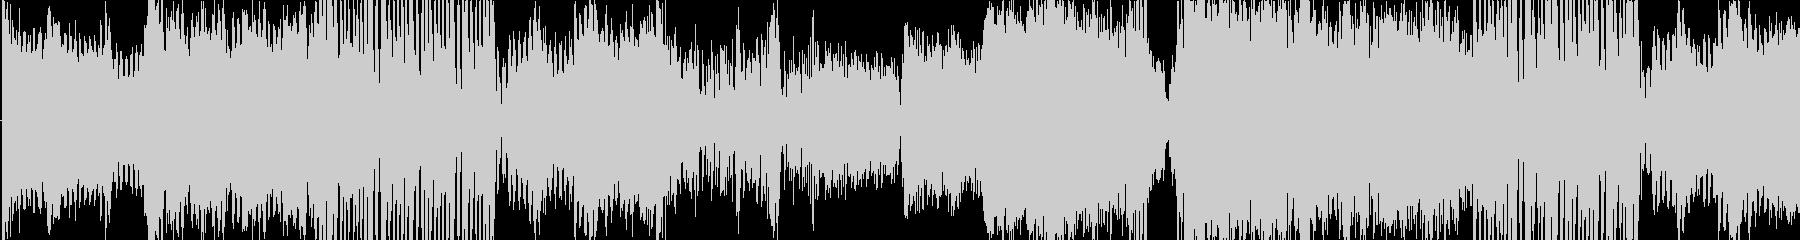 緊迫、壮大、機械なシネマテッィク曲の未再生の波形